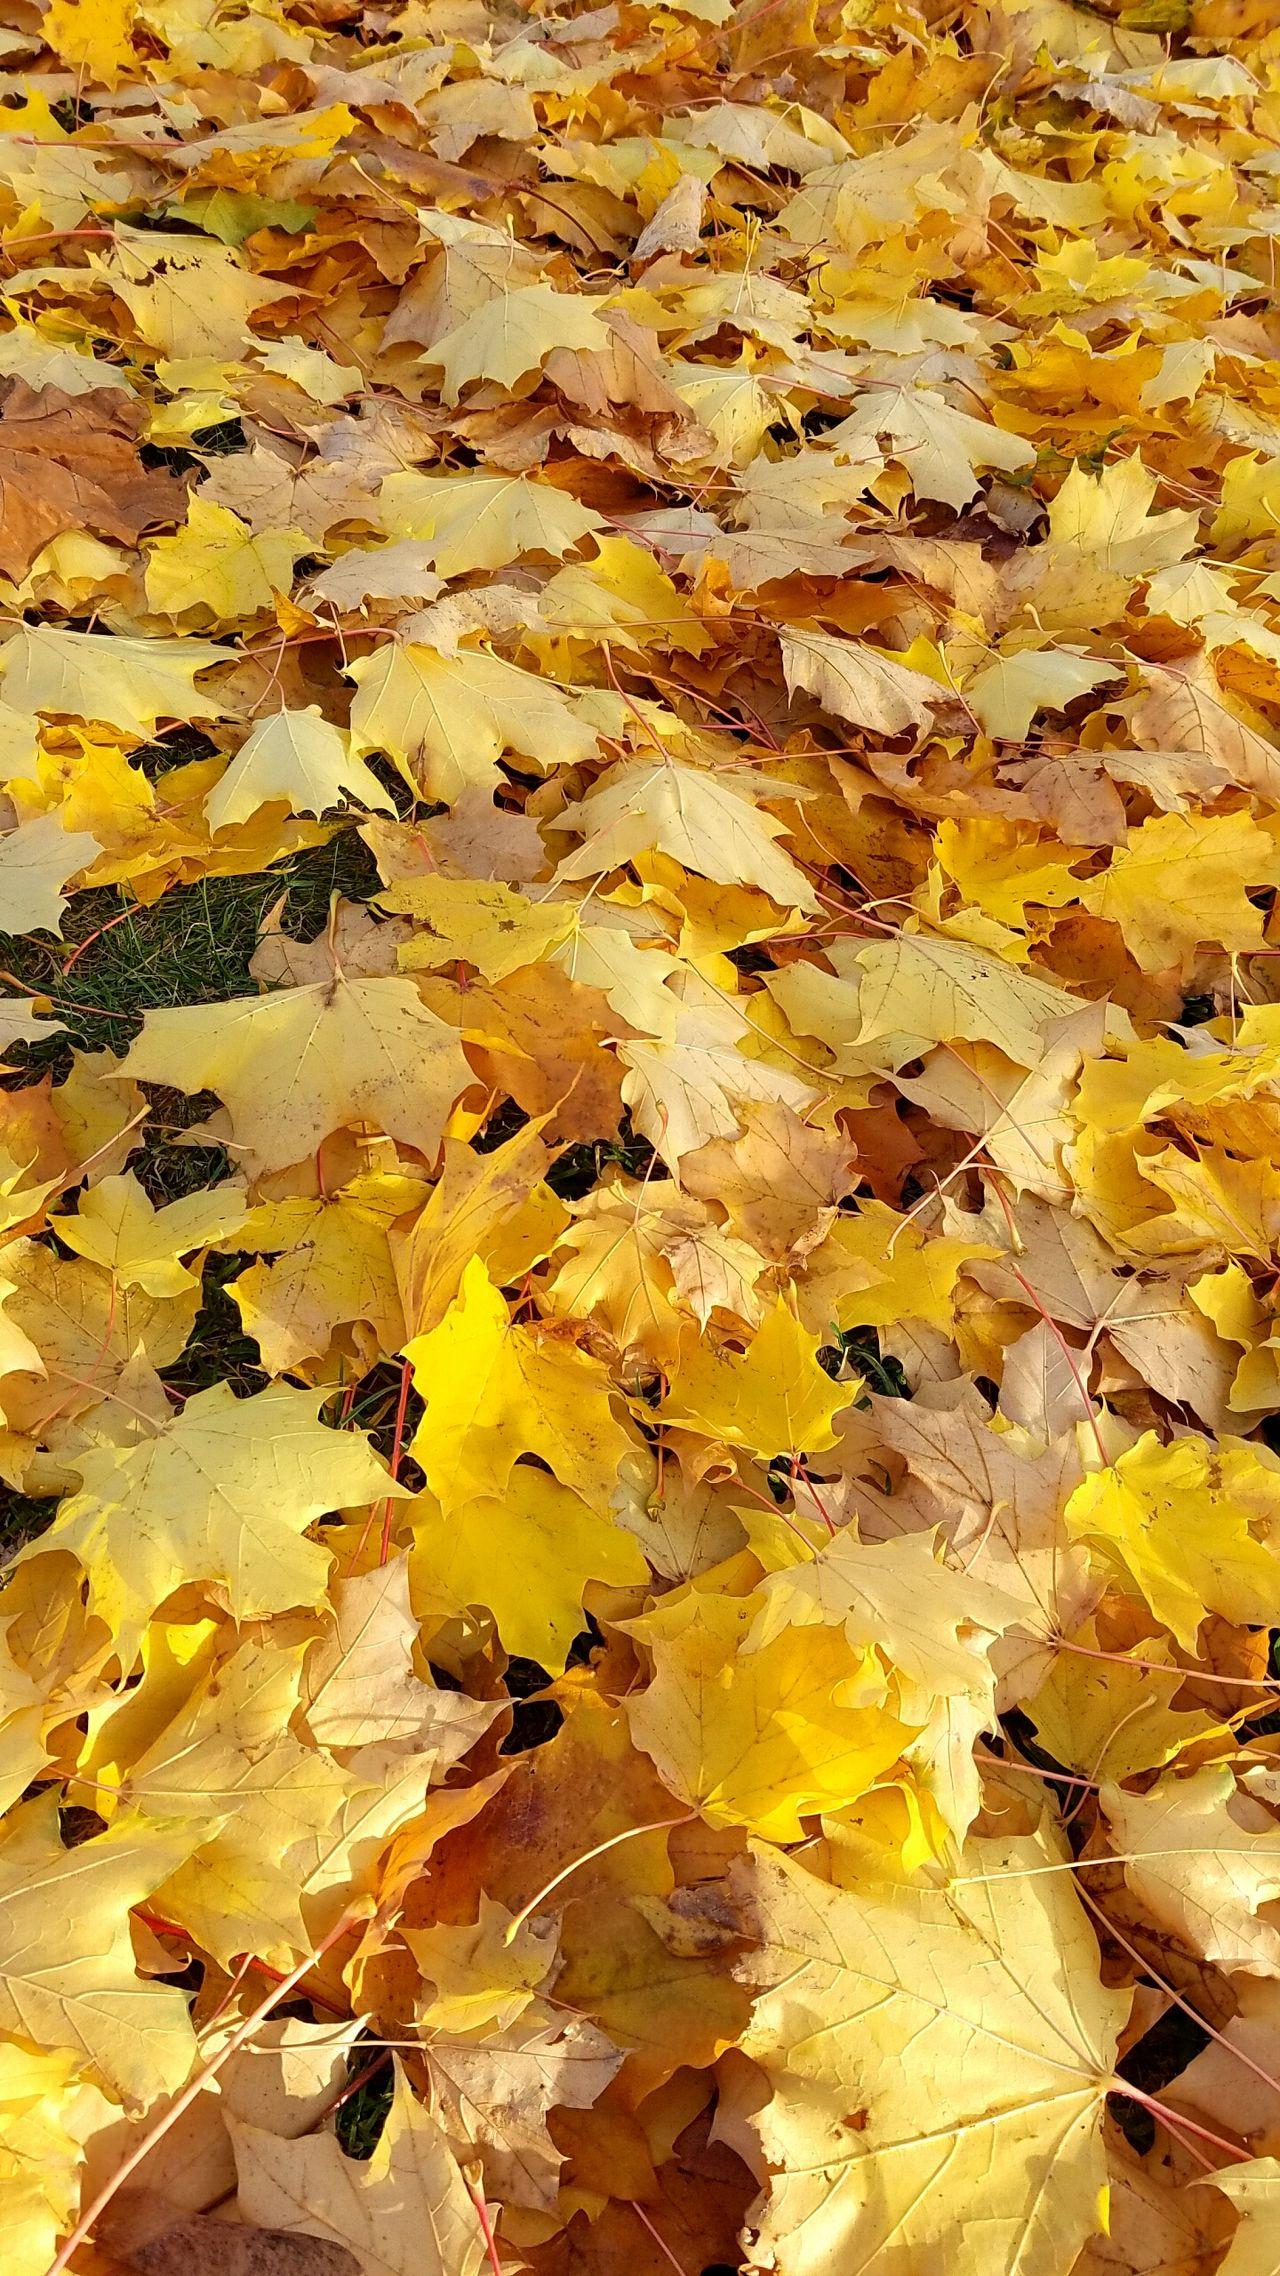 Canadian Outdoors Autumn Leaf Autumn Leaves Autumn Autumn Colors Trees Canada Leaf Fall Fall Leaves Fall Colors Day Close-up Yellow Yellow Leaves 캐나다 단풍 가을 정서 가을 낙옆